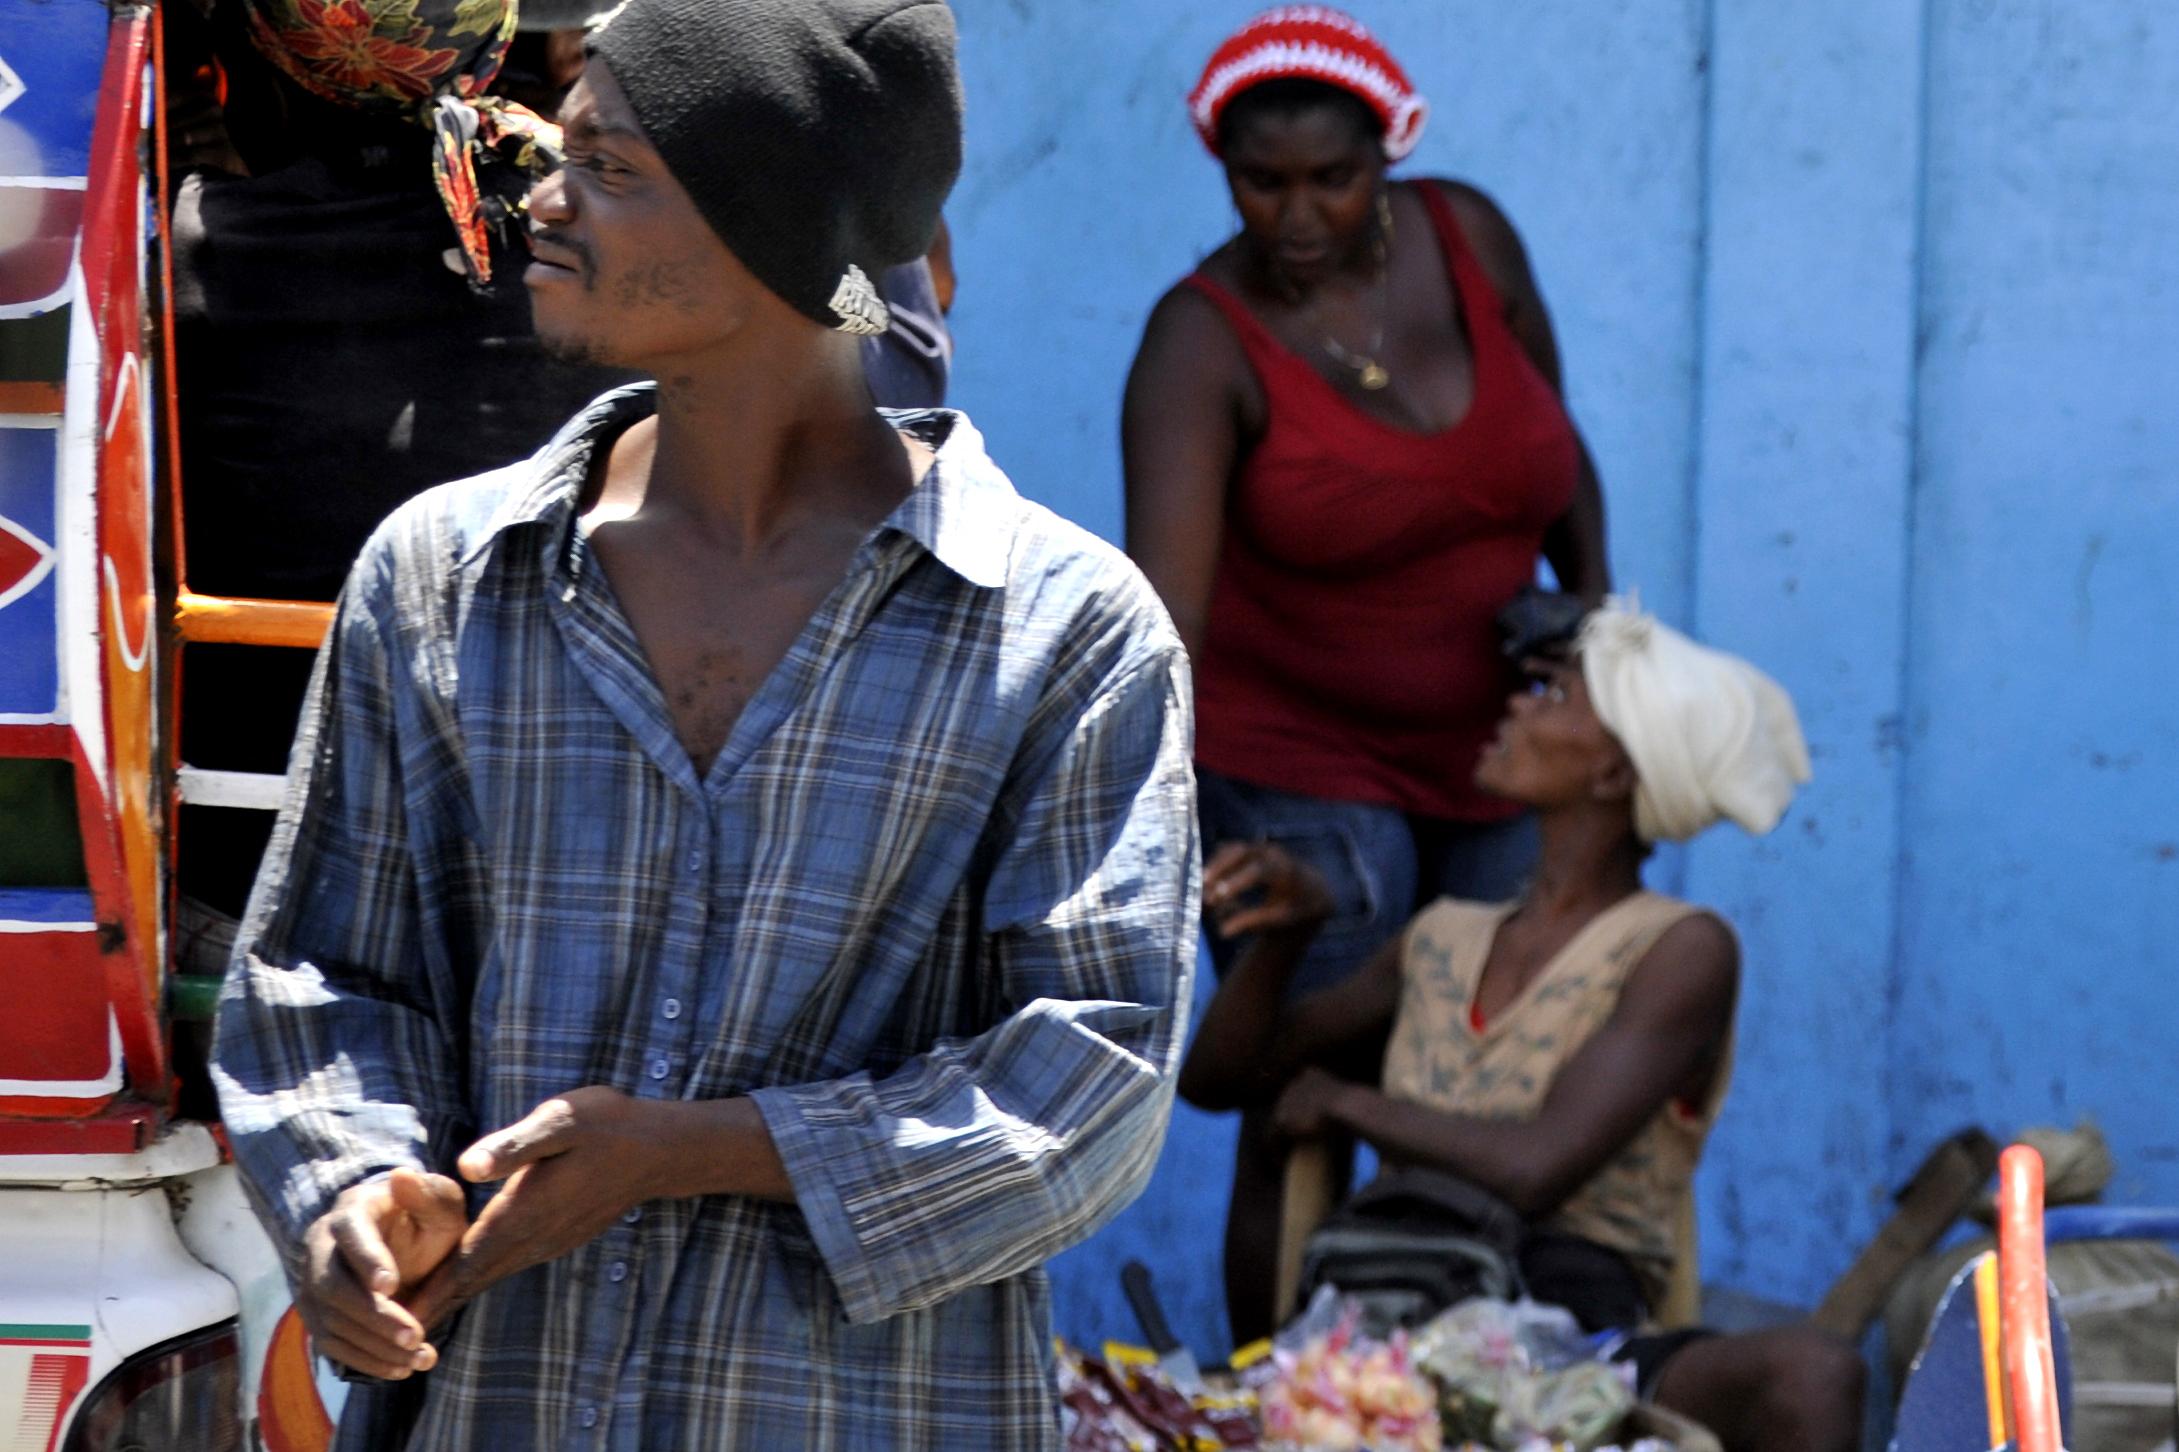 Reportage-photo-a-haiti-port-au-prince-12